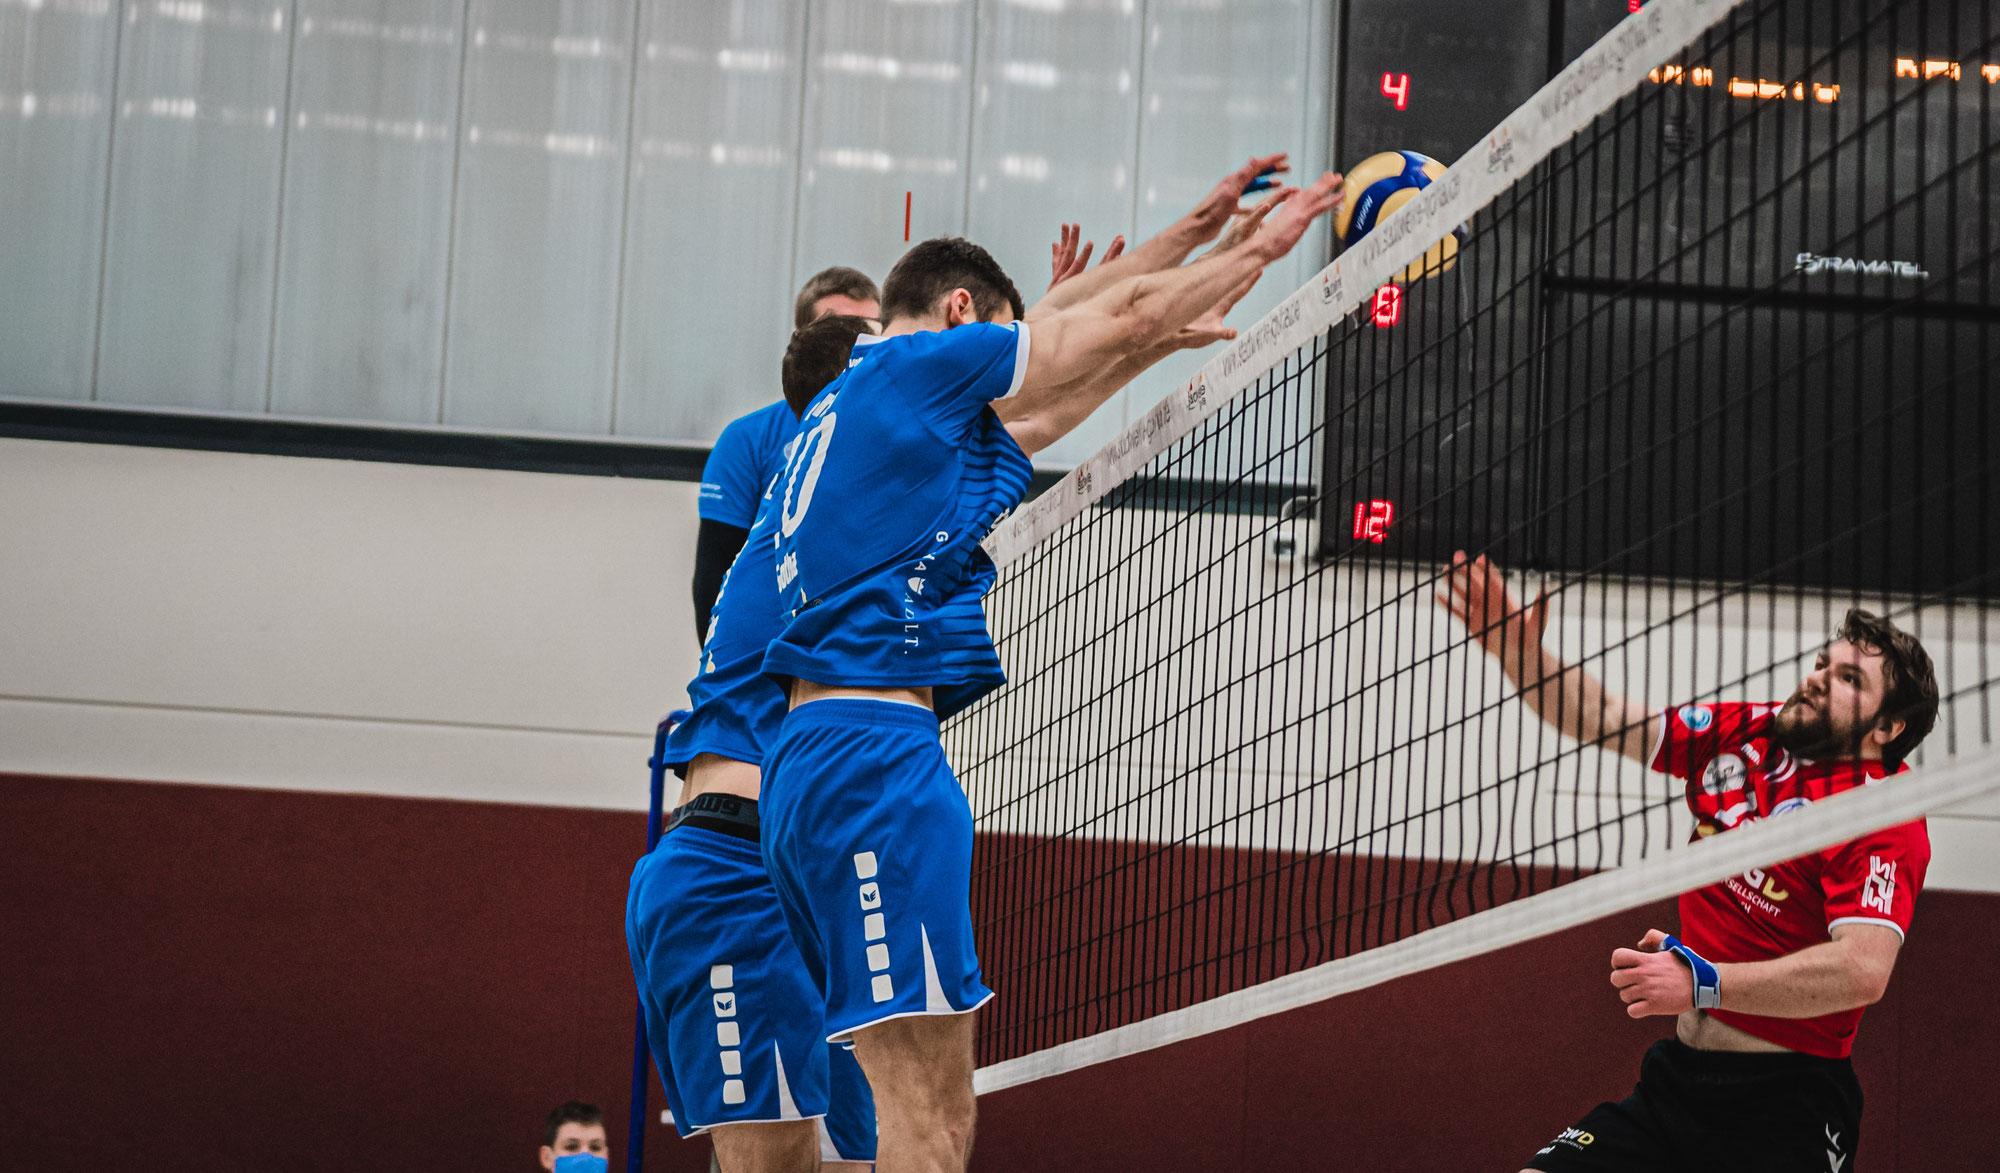 Wieder ein Derby für Blue Volleys